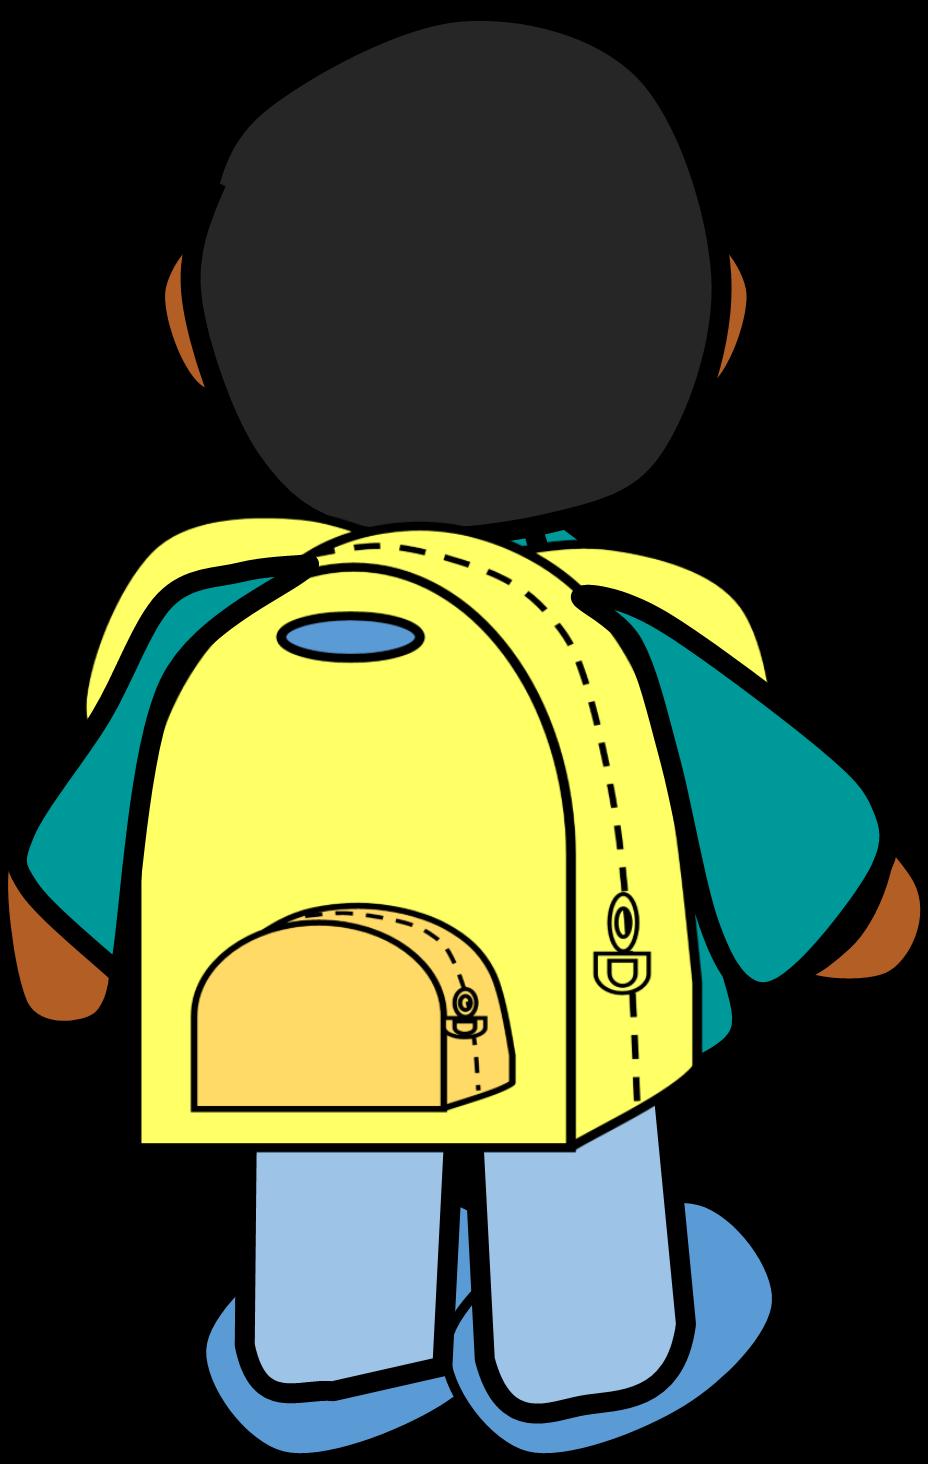 al cole imprimibles. Clipart backpack kinder